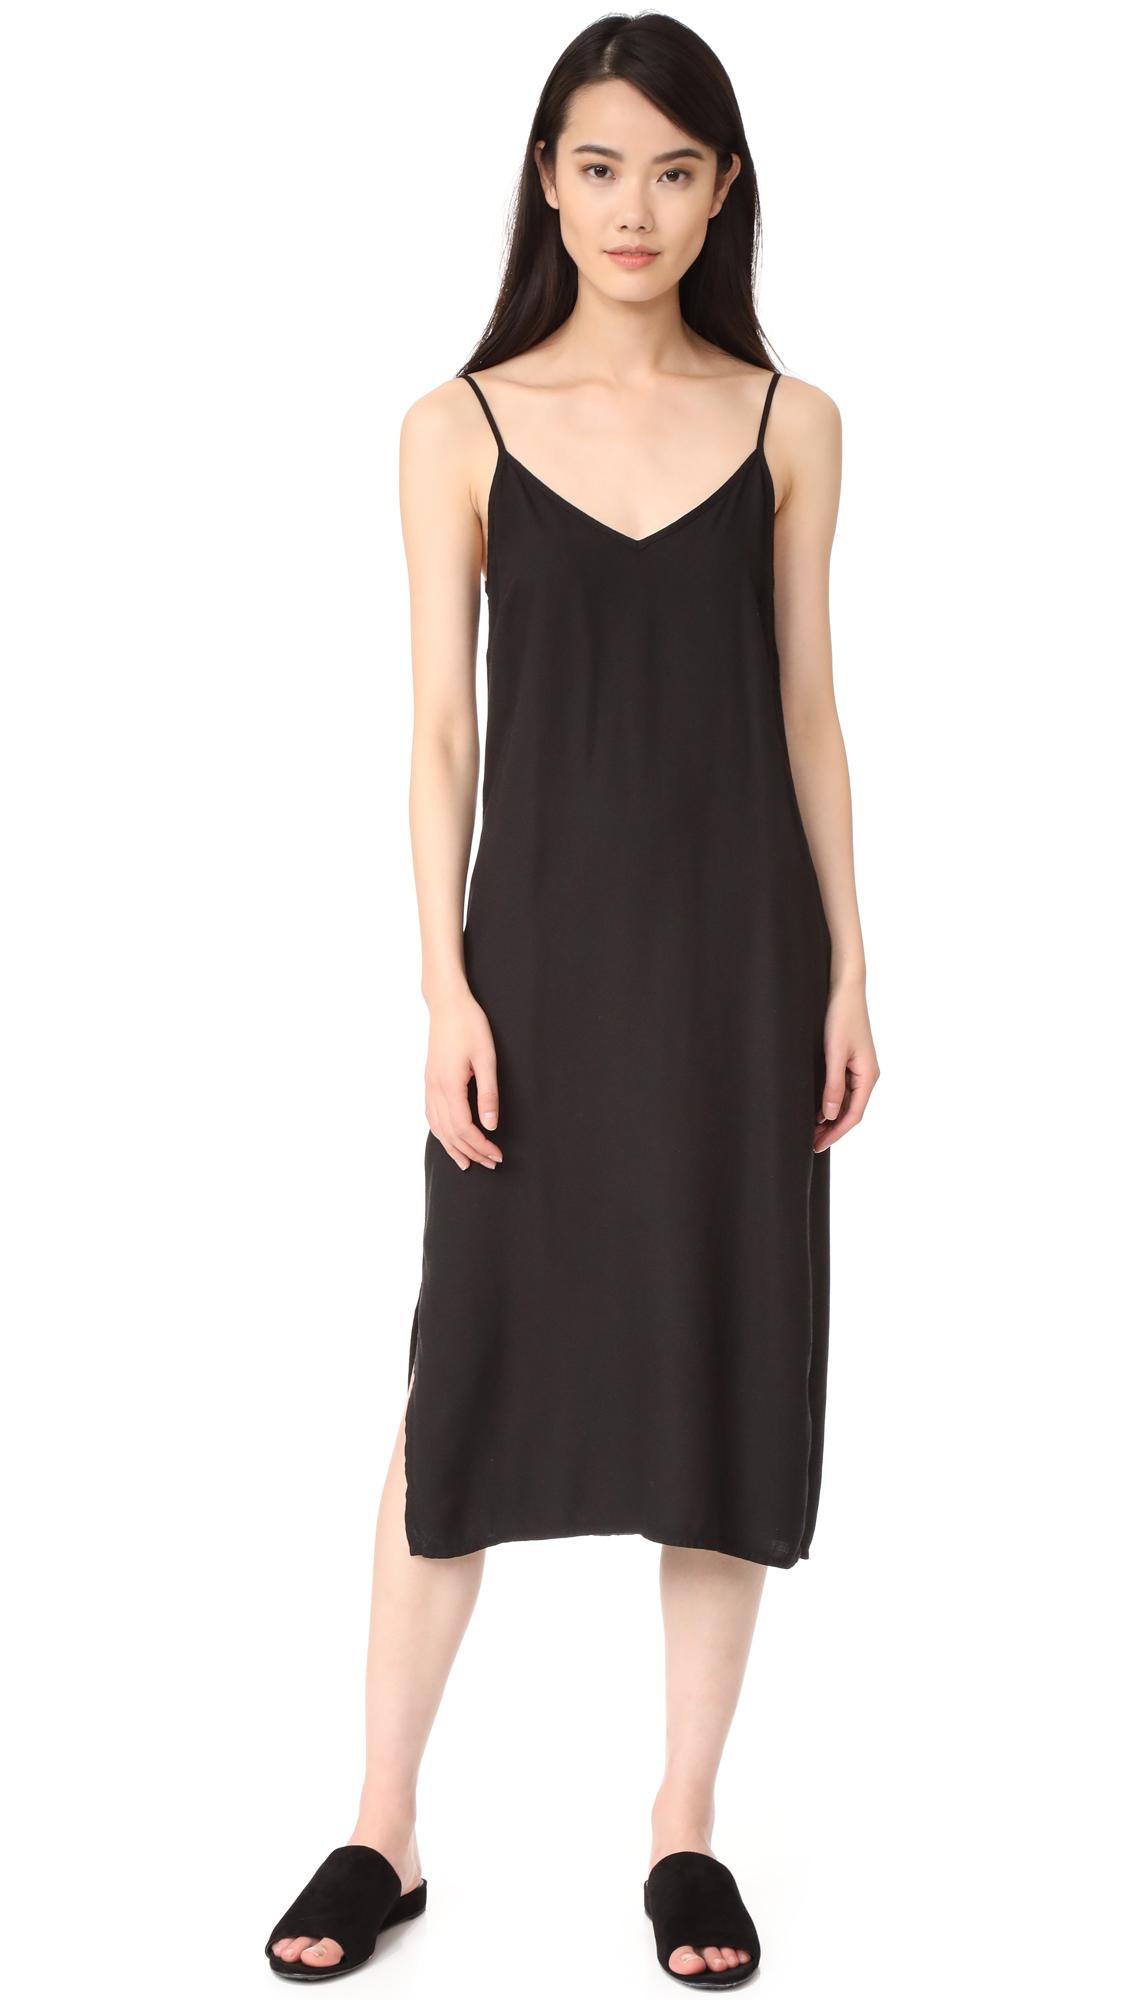 Splendid Slip Dress